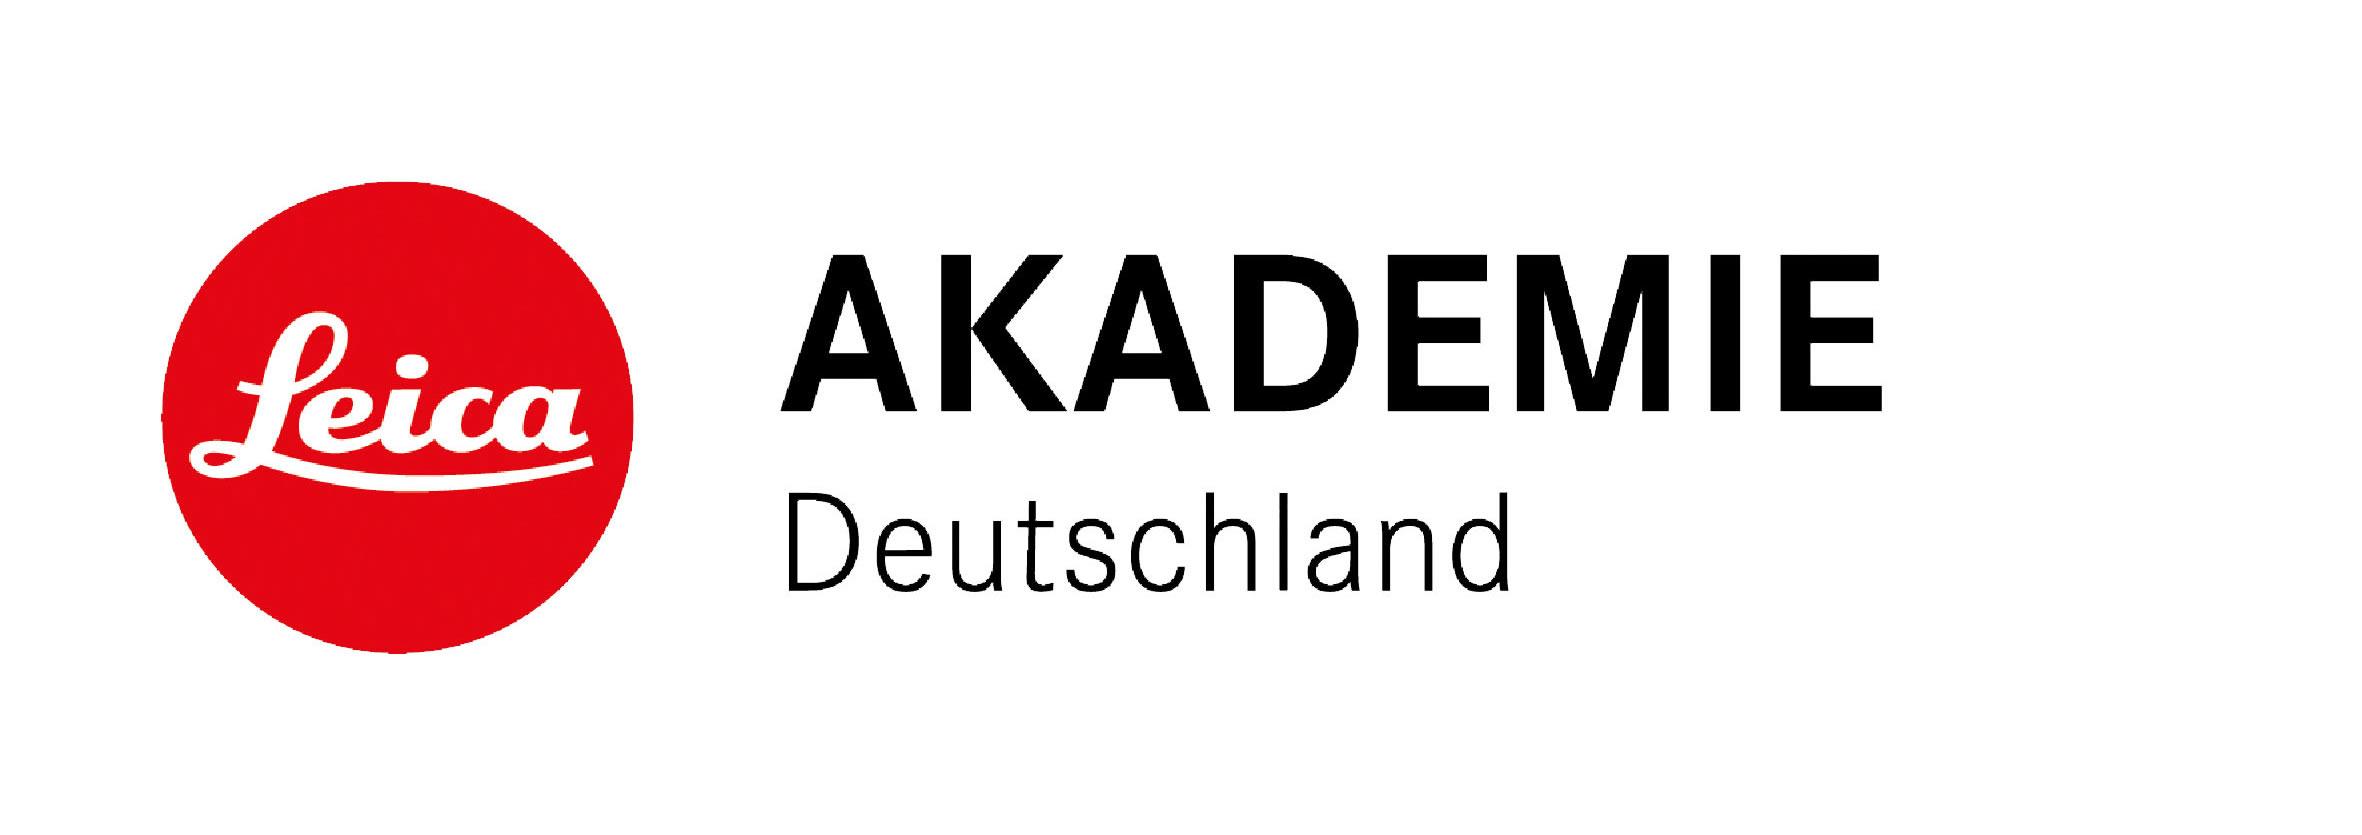 Leica-Akademie Deutschland Logo